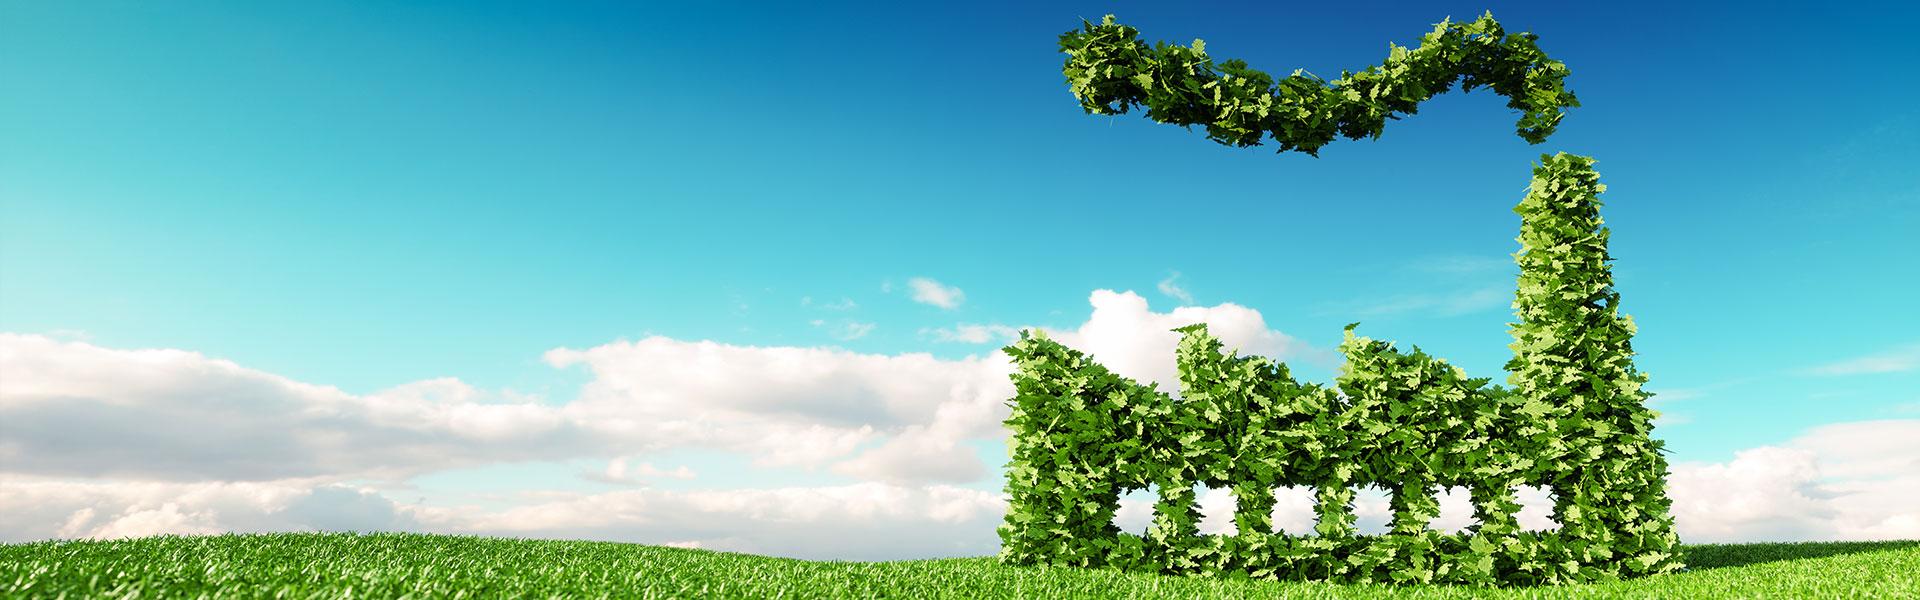 banner-environmental-policy-127-3619276340fc8e13c8d9b5517a57c506.jpg